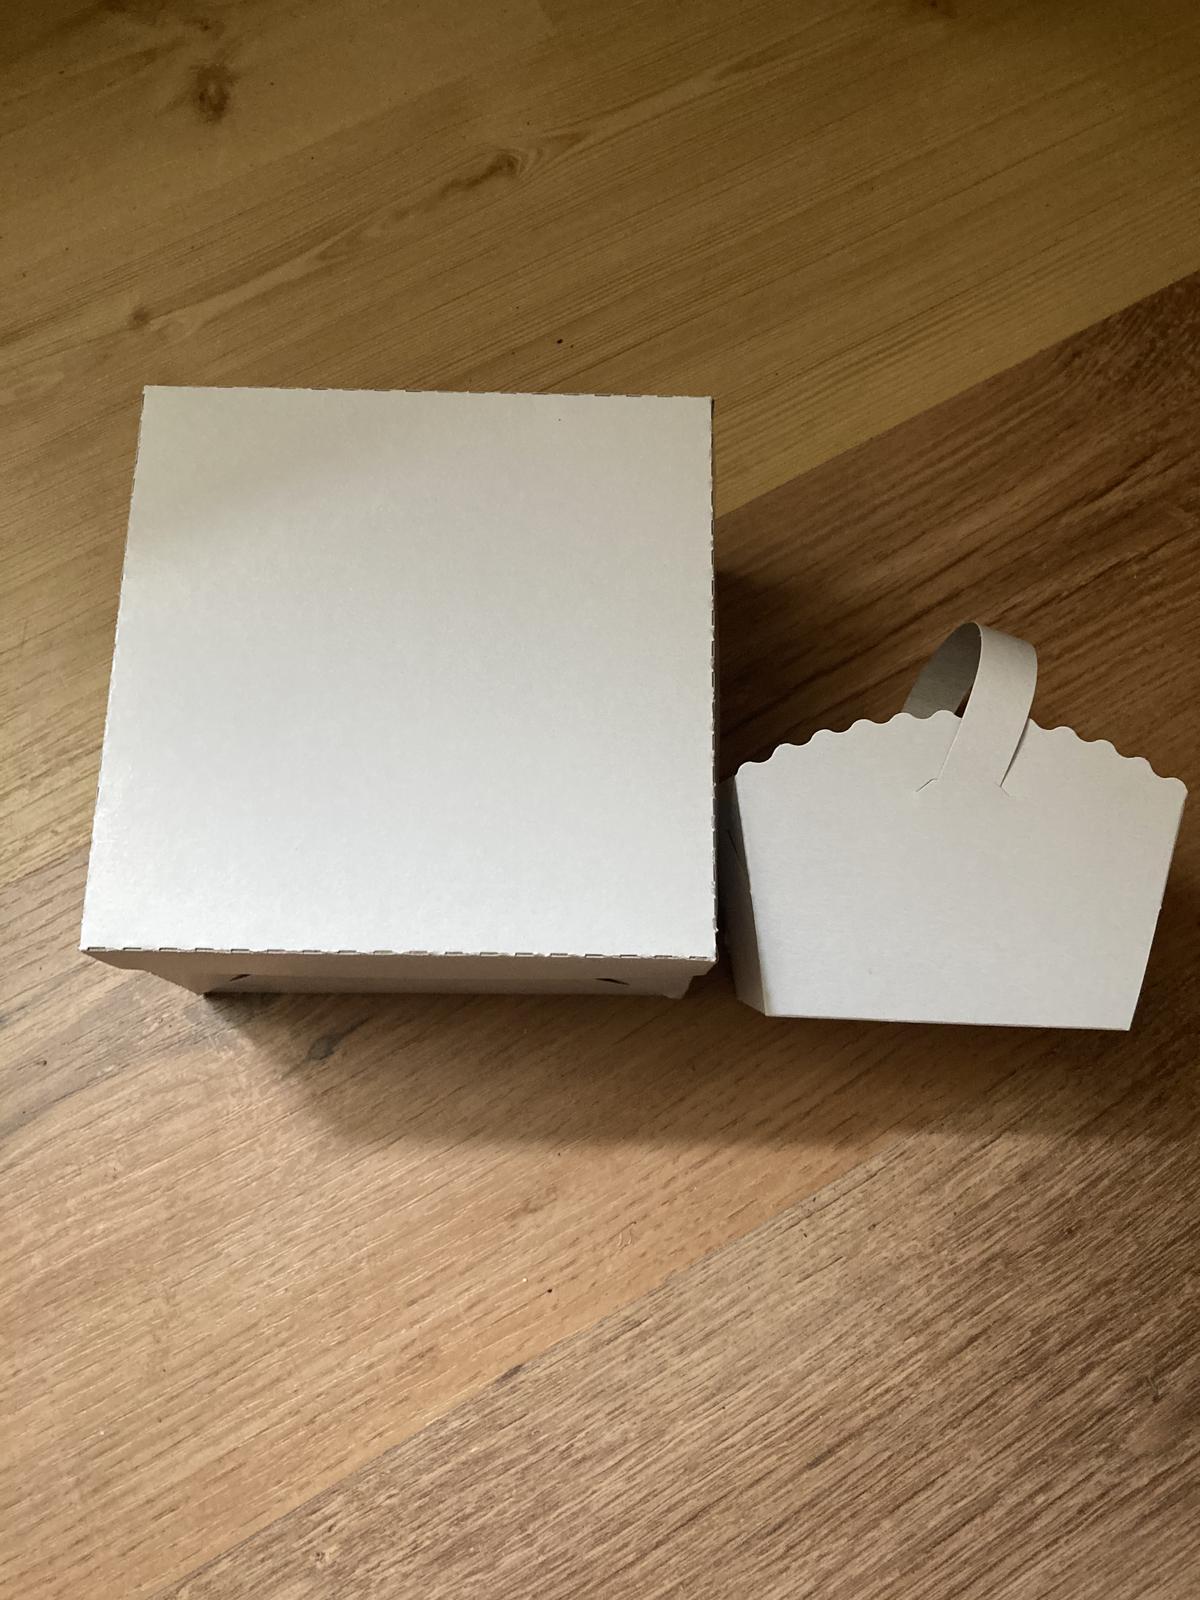 krabičky, košíčky - Obrázek č. 1